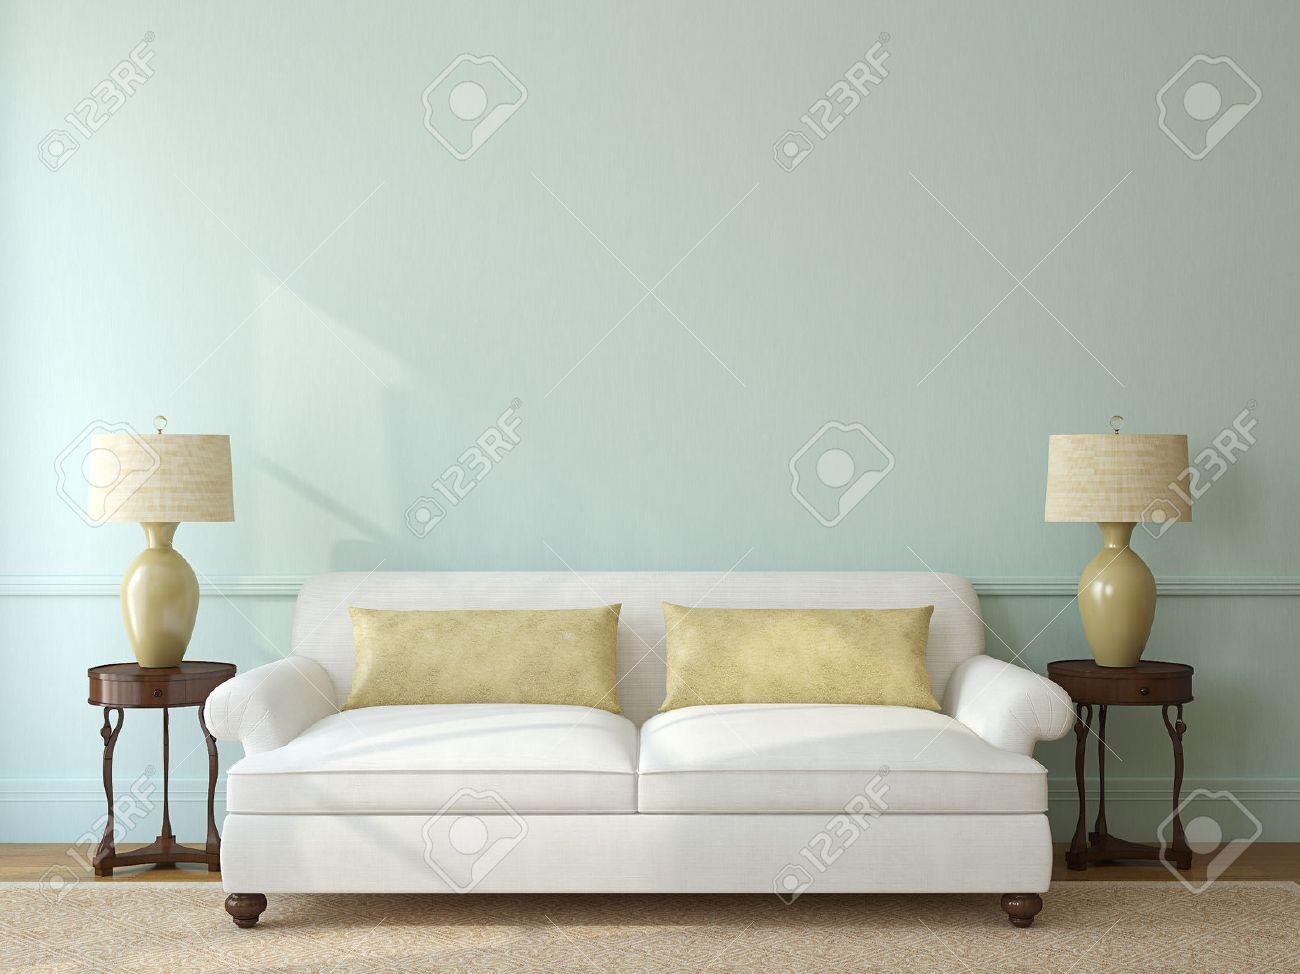 Klassisches Wohnzimmer Interieur Mit Weißen Couch In Der Nähe Von Leere  Blaue Wand. 3D